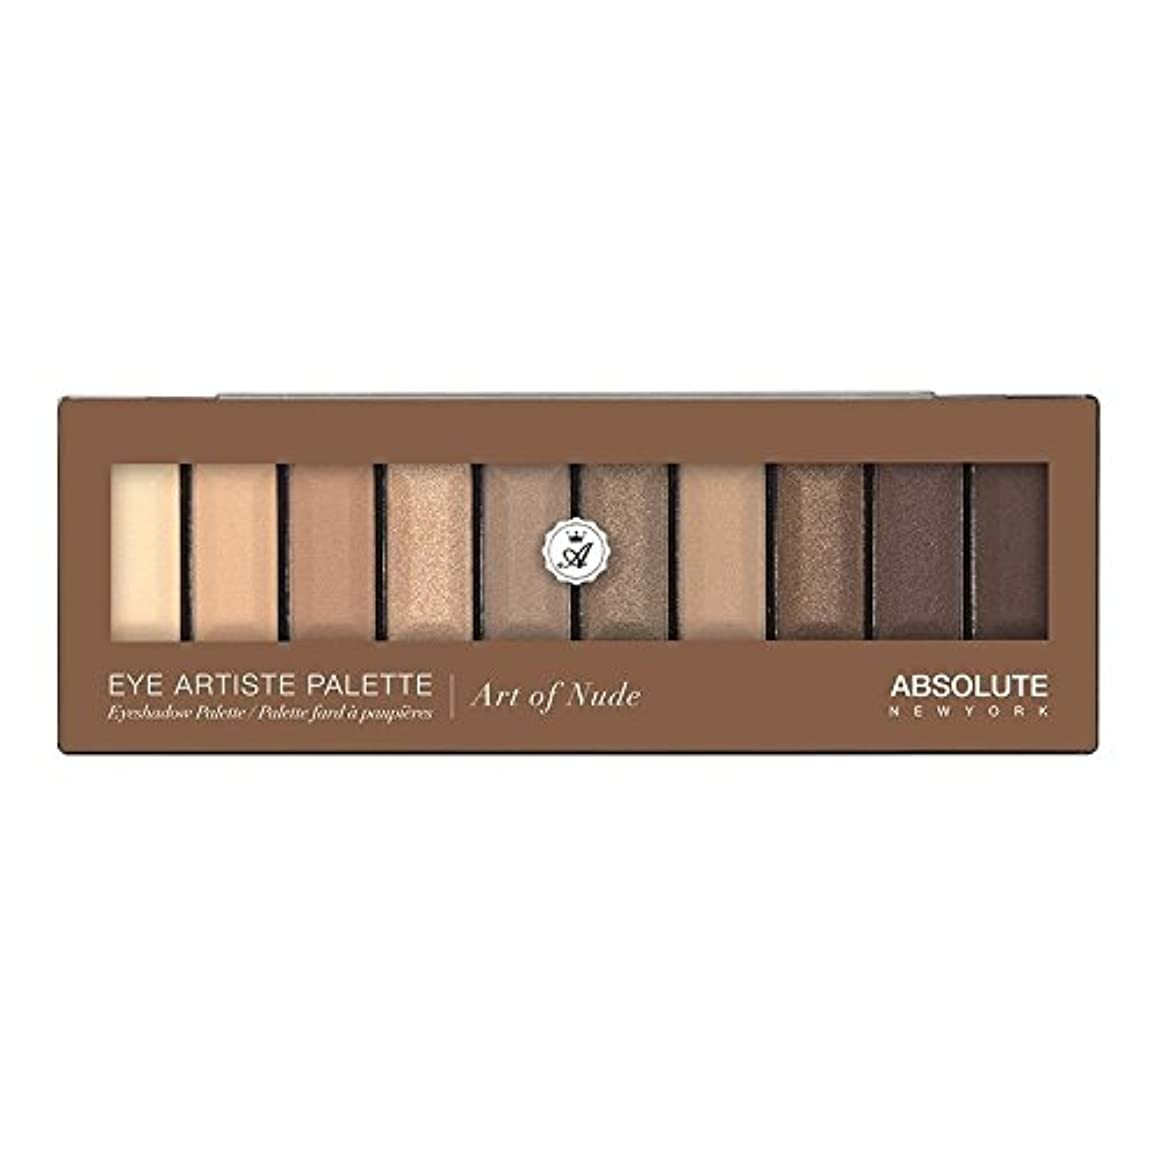 透ける嬉しいです医療の(3 Pack) ABSOLUTE Eye Artiste Palette - Art Of Nude (並行輸入品)